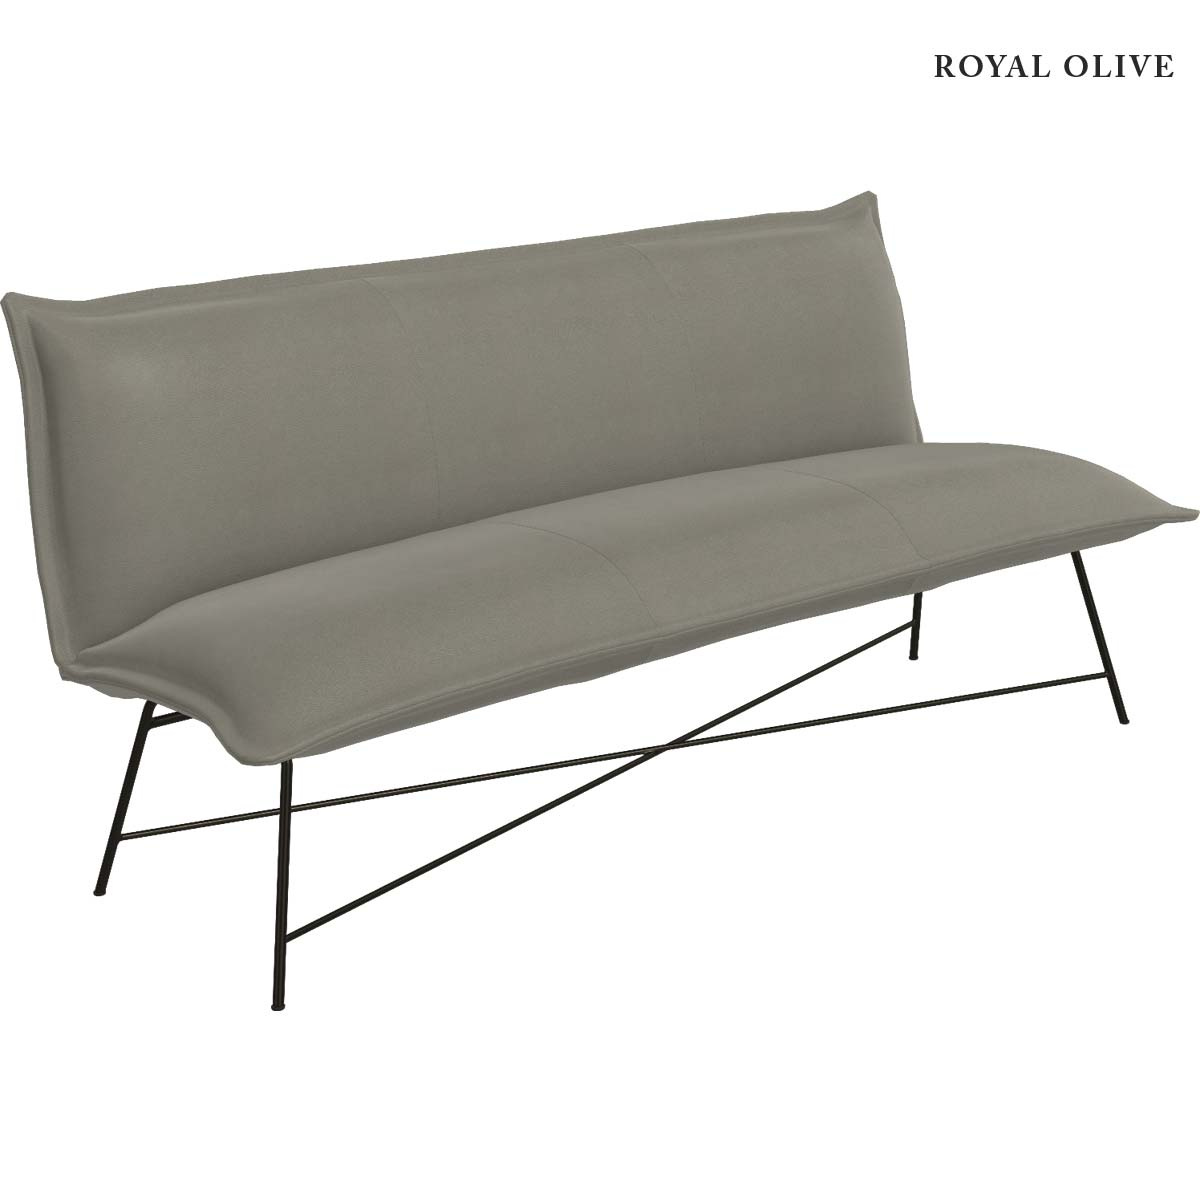 jess-design-essbank-vidar-royal-olive-lichtraum24-01